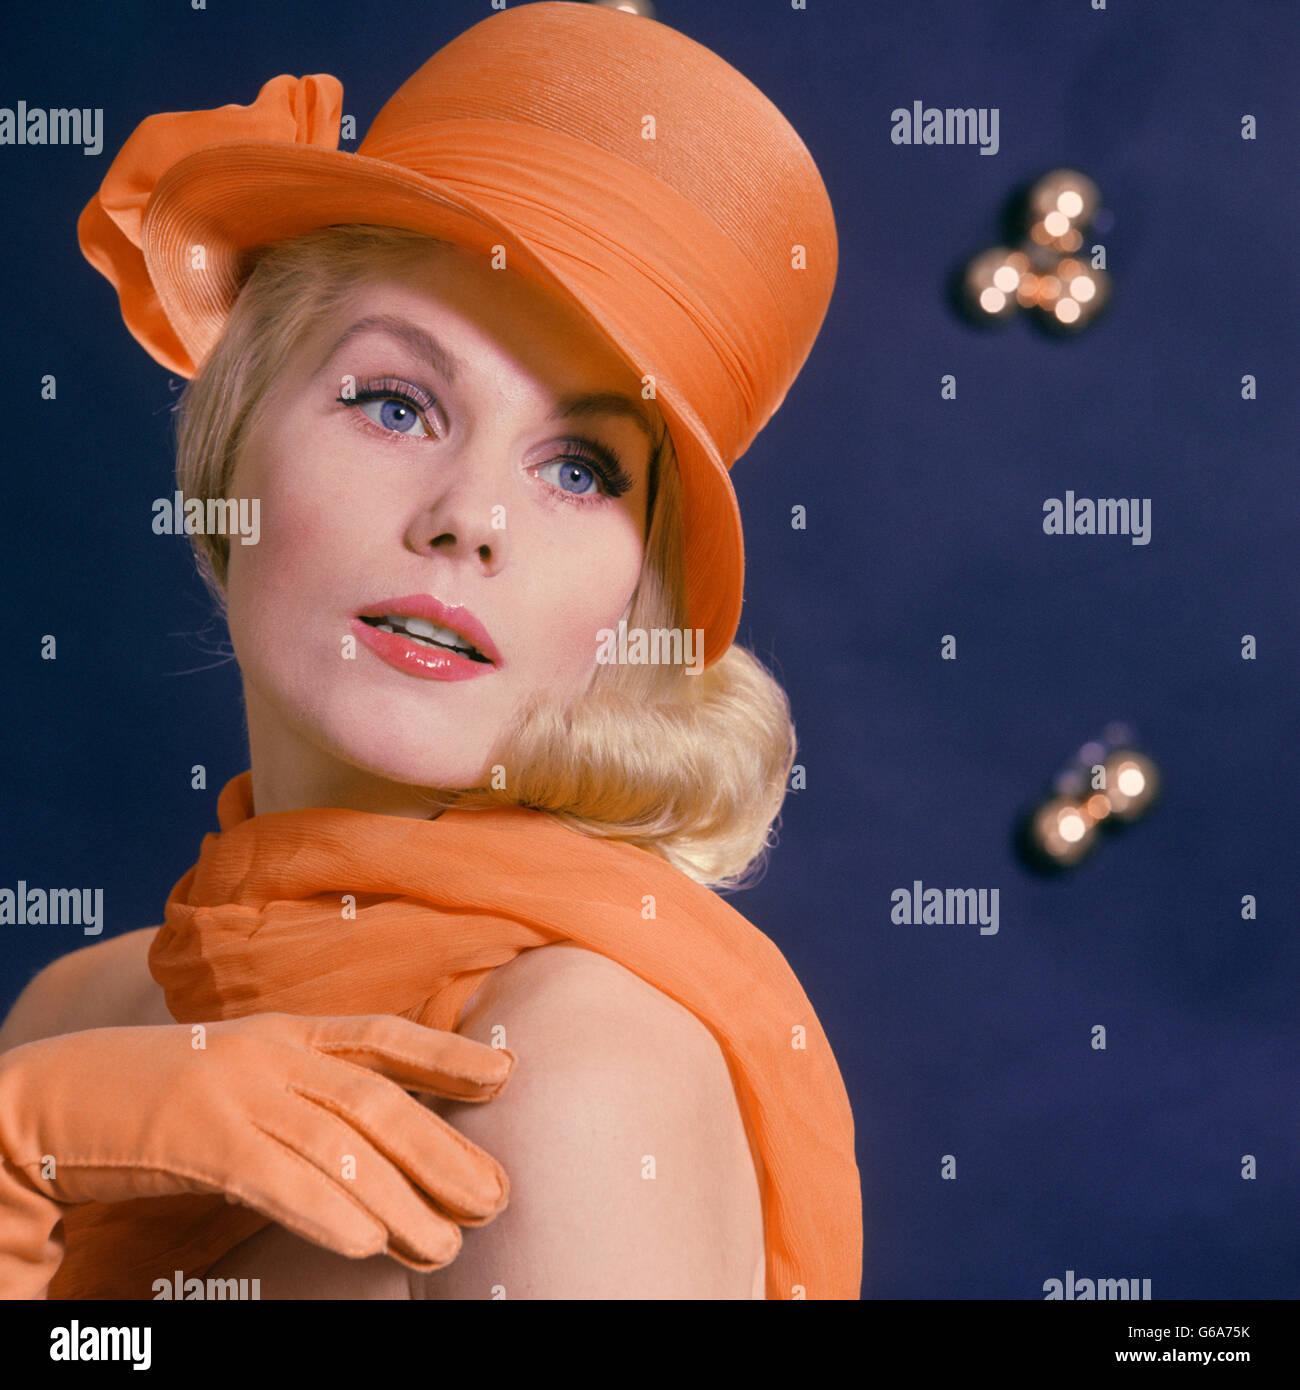 À la mode des années 1960, blonde aux yeux bleu femme mannequin portant un chapeau orange avec foulard Photo Stock